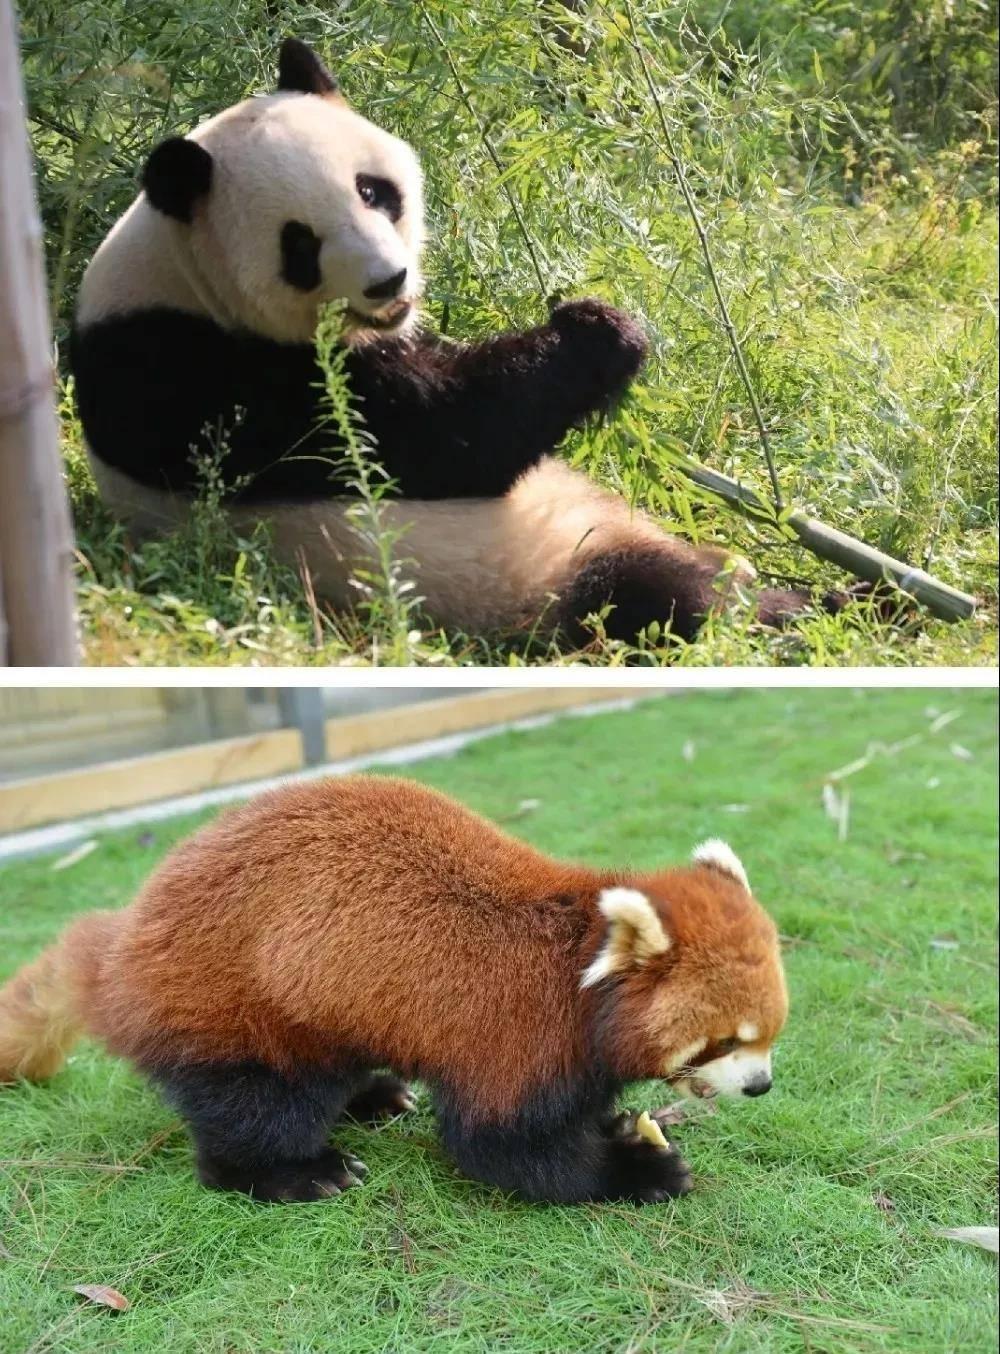 【安吉4房别墅】周五不加收!人均180+,可入住8大4小~畅玩棋牌室、卡拉OK、桌球、做饭等,别墅5分钟车程去看熊猫!